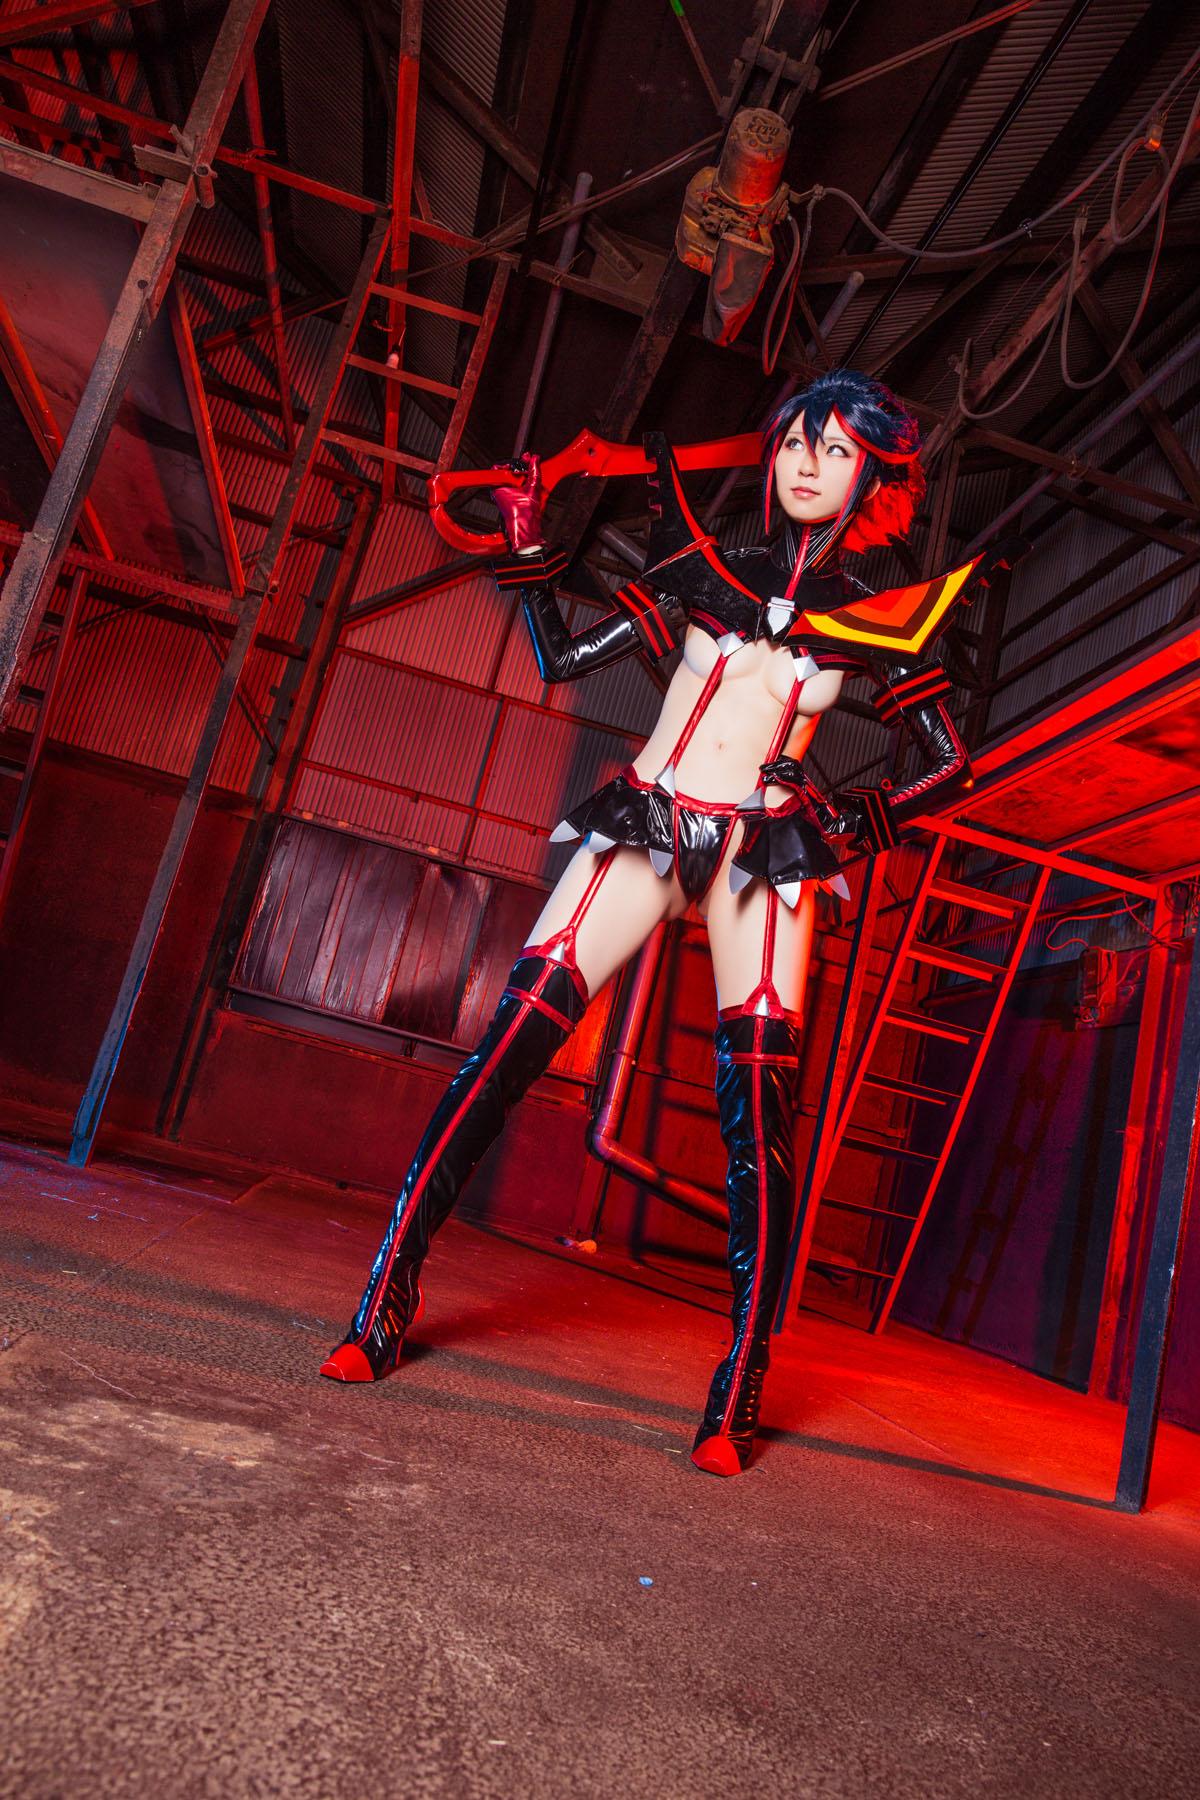 Kill la Kill Ryuuko Matoi anime cosplay by Mikehouse 0055